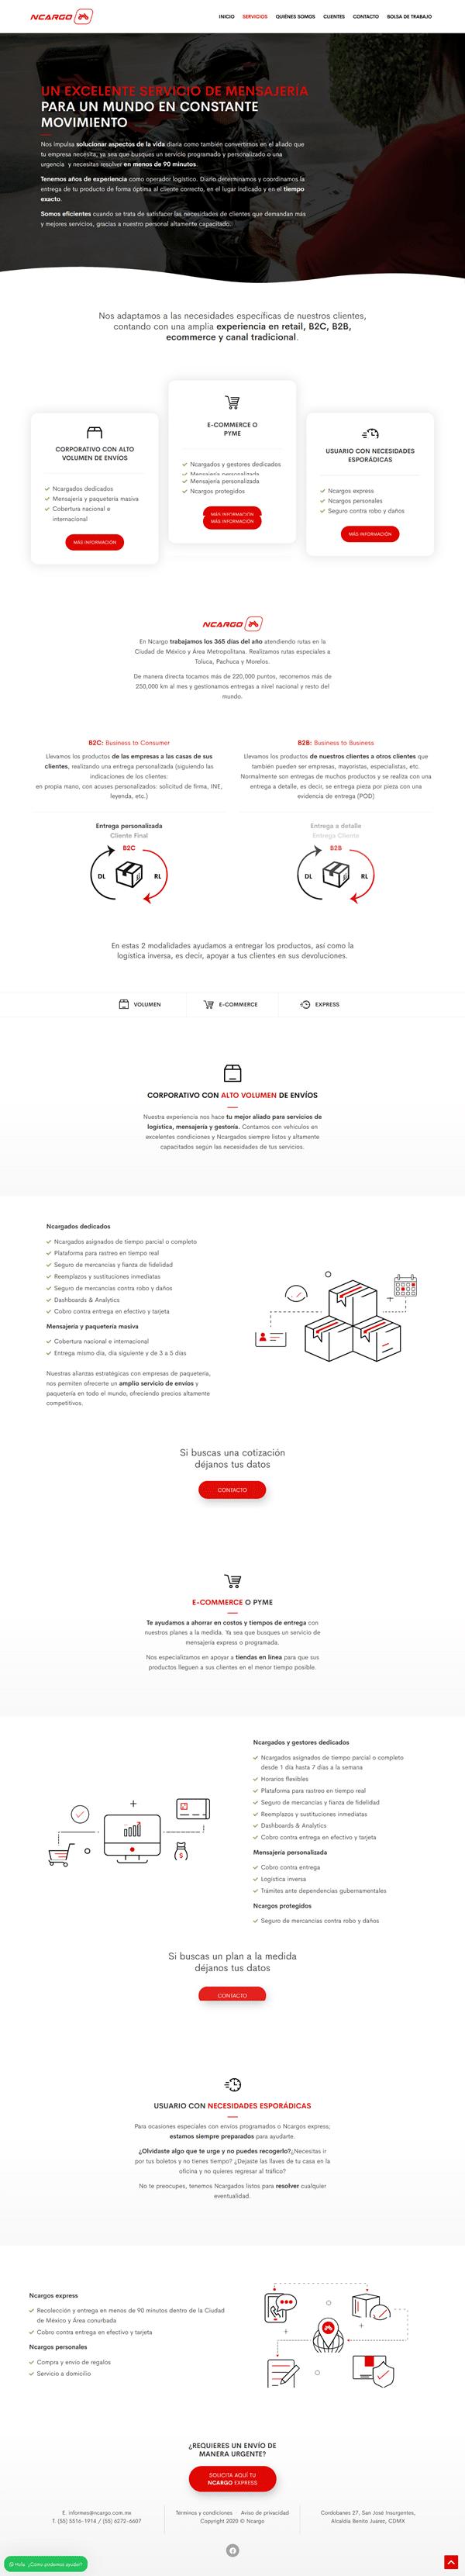 Caso de éxito desarrollo web - Ncargo 3